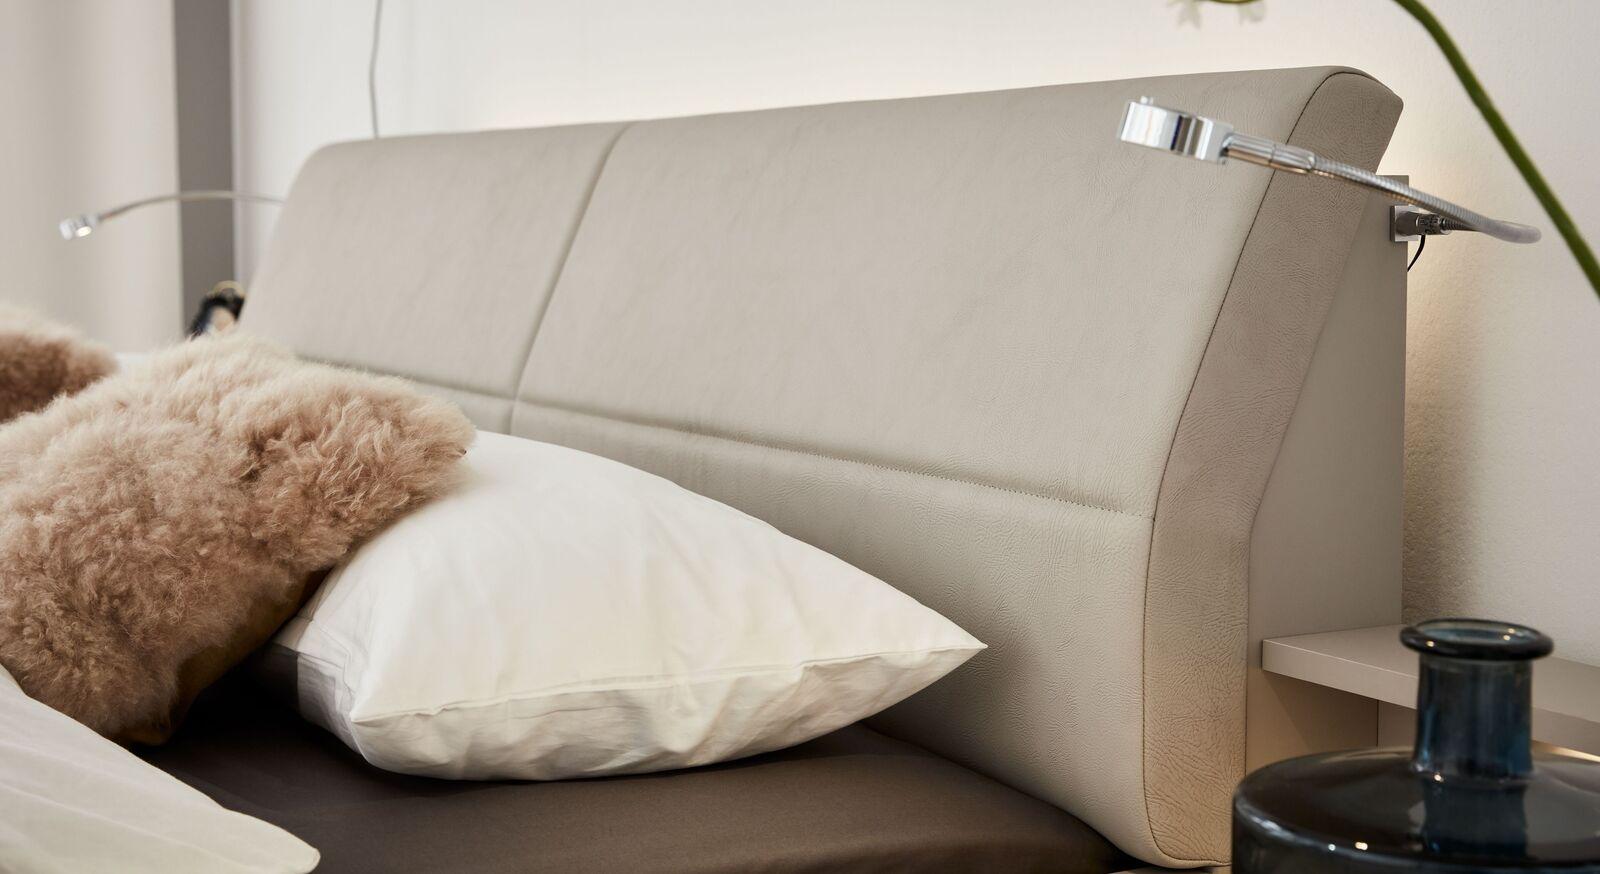 INTERLIVING Bett 1009 mit gewölbtem Kopfteil